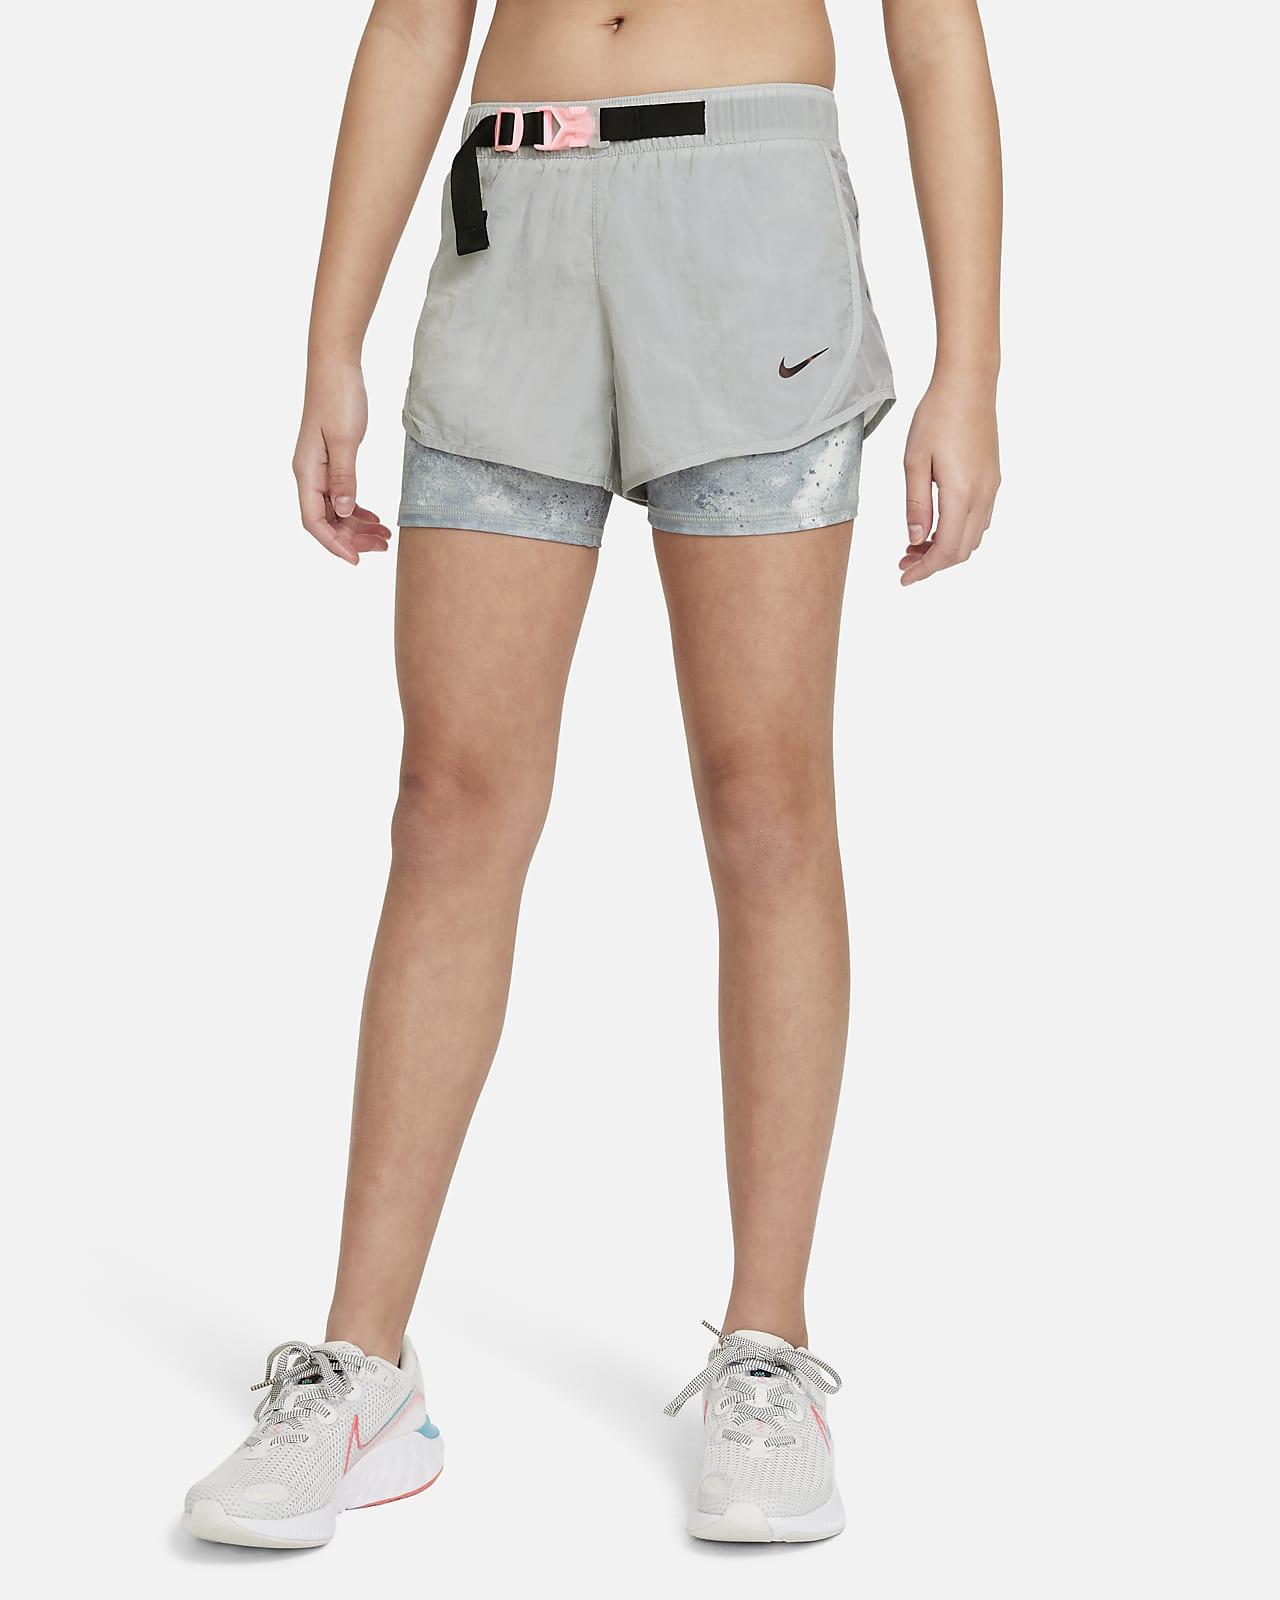 กางเกงวิ่งขาสั้นเด็กโตมัดย้อม Nike Tempo (หญิง)